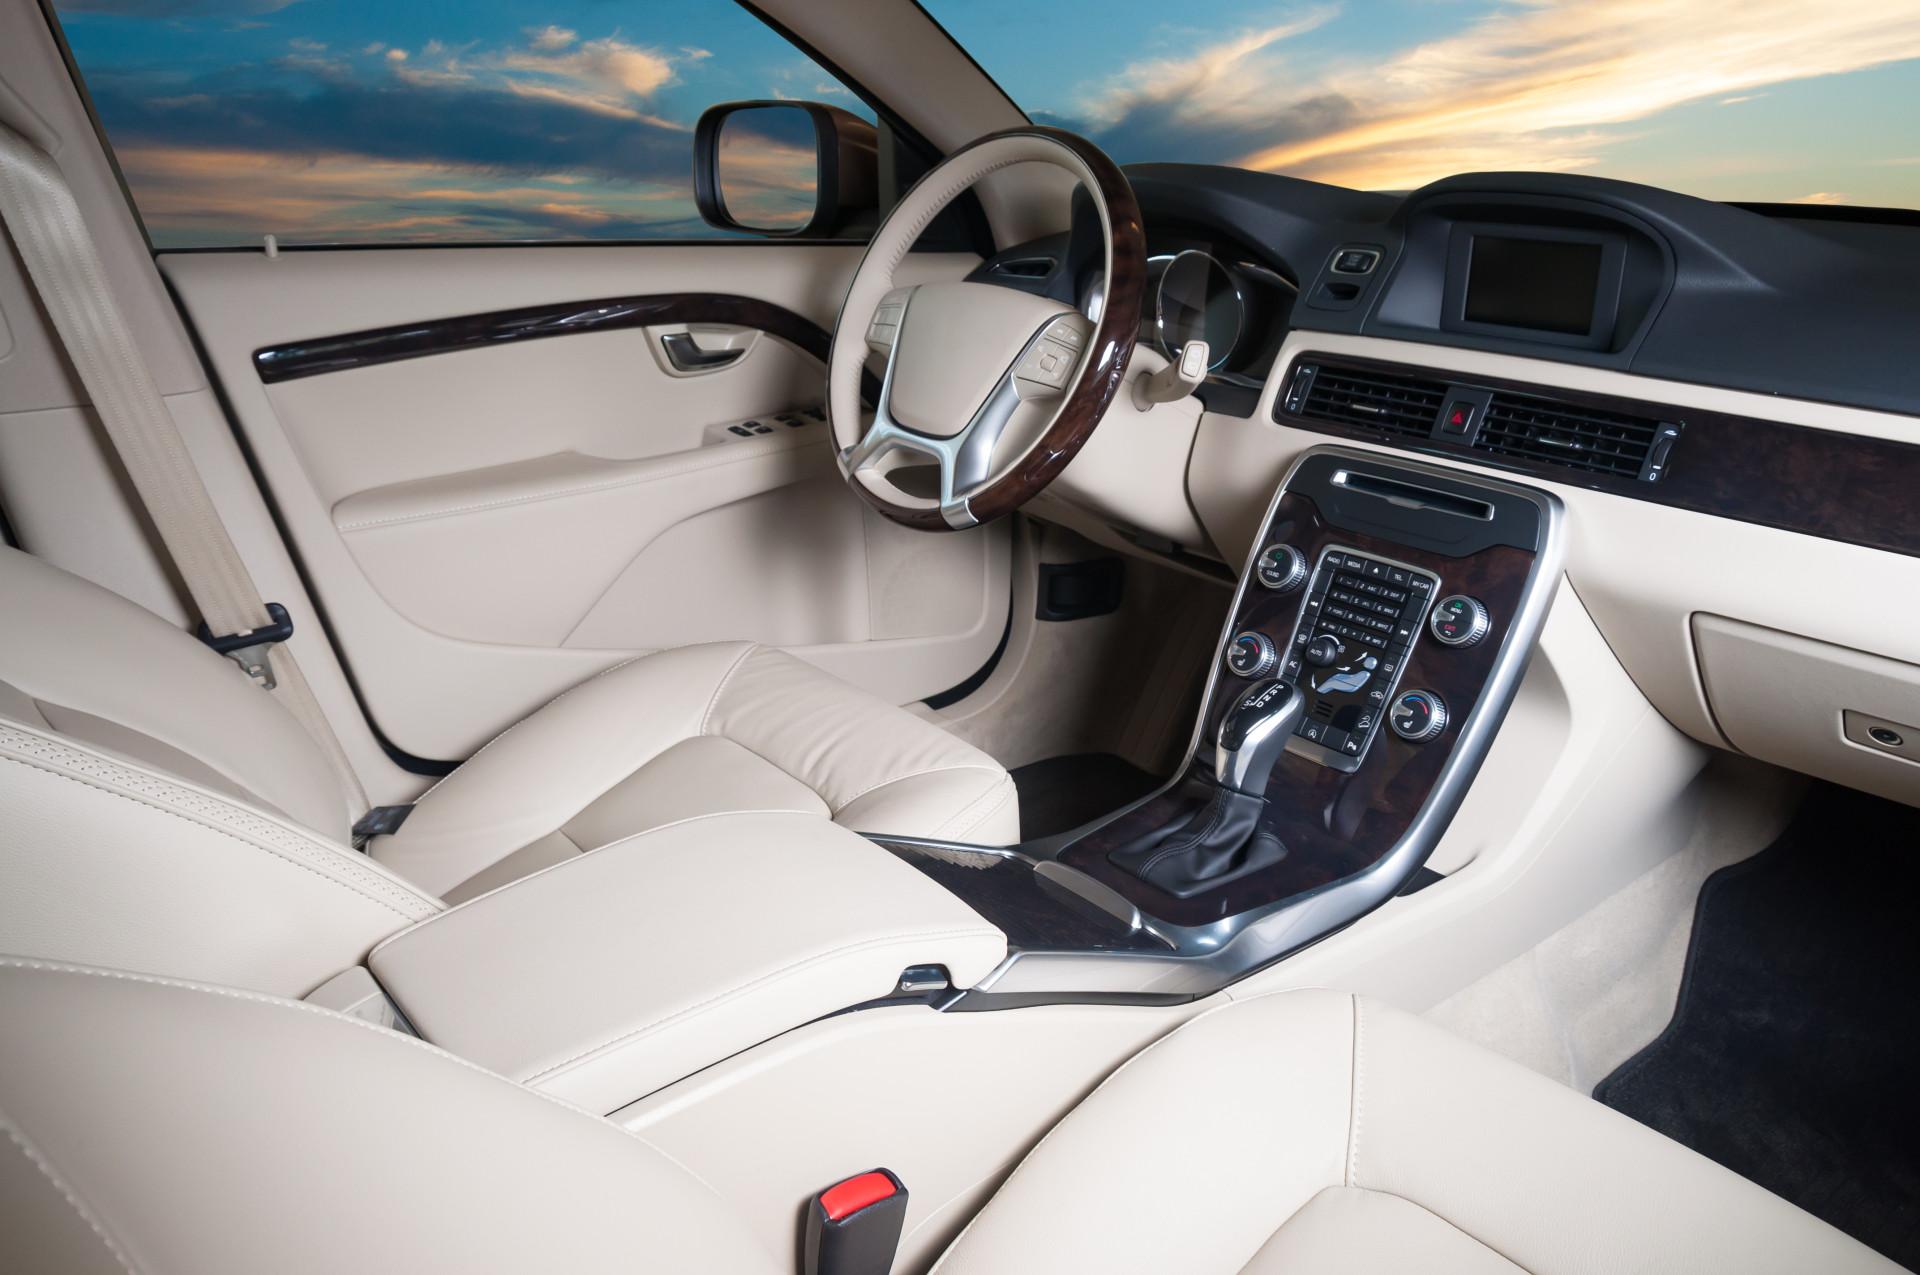 Pensa personalizar o carro? Eis algumas dicas